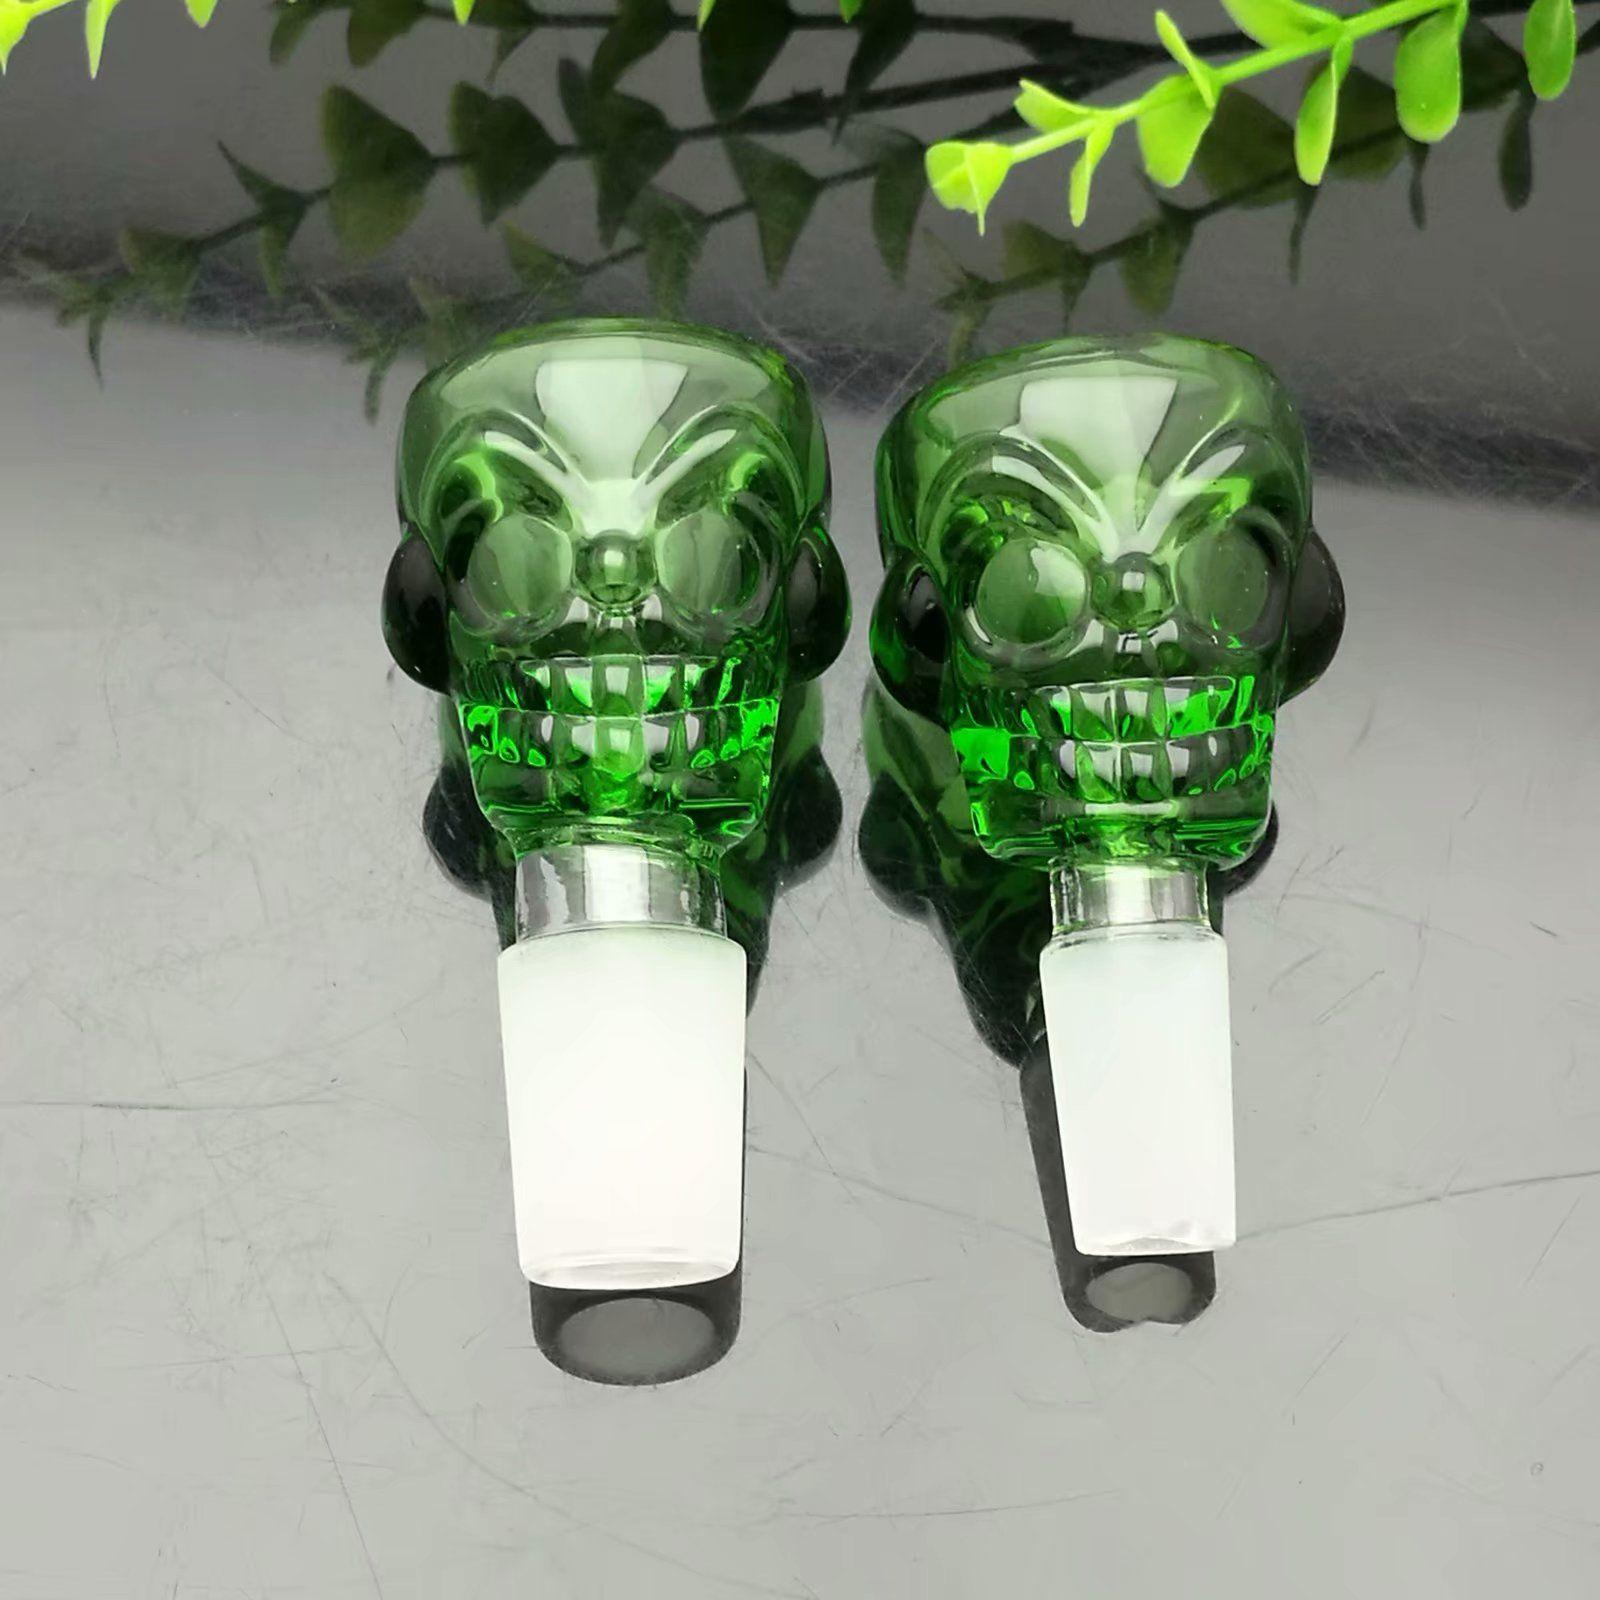 Цветные чужеродных стеклянный пузырь голова сигареты аксессуары стеклянная вода кальян ручка трубы курительные трубки высокое качество бесплатная доставка